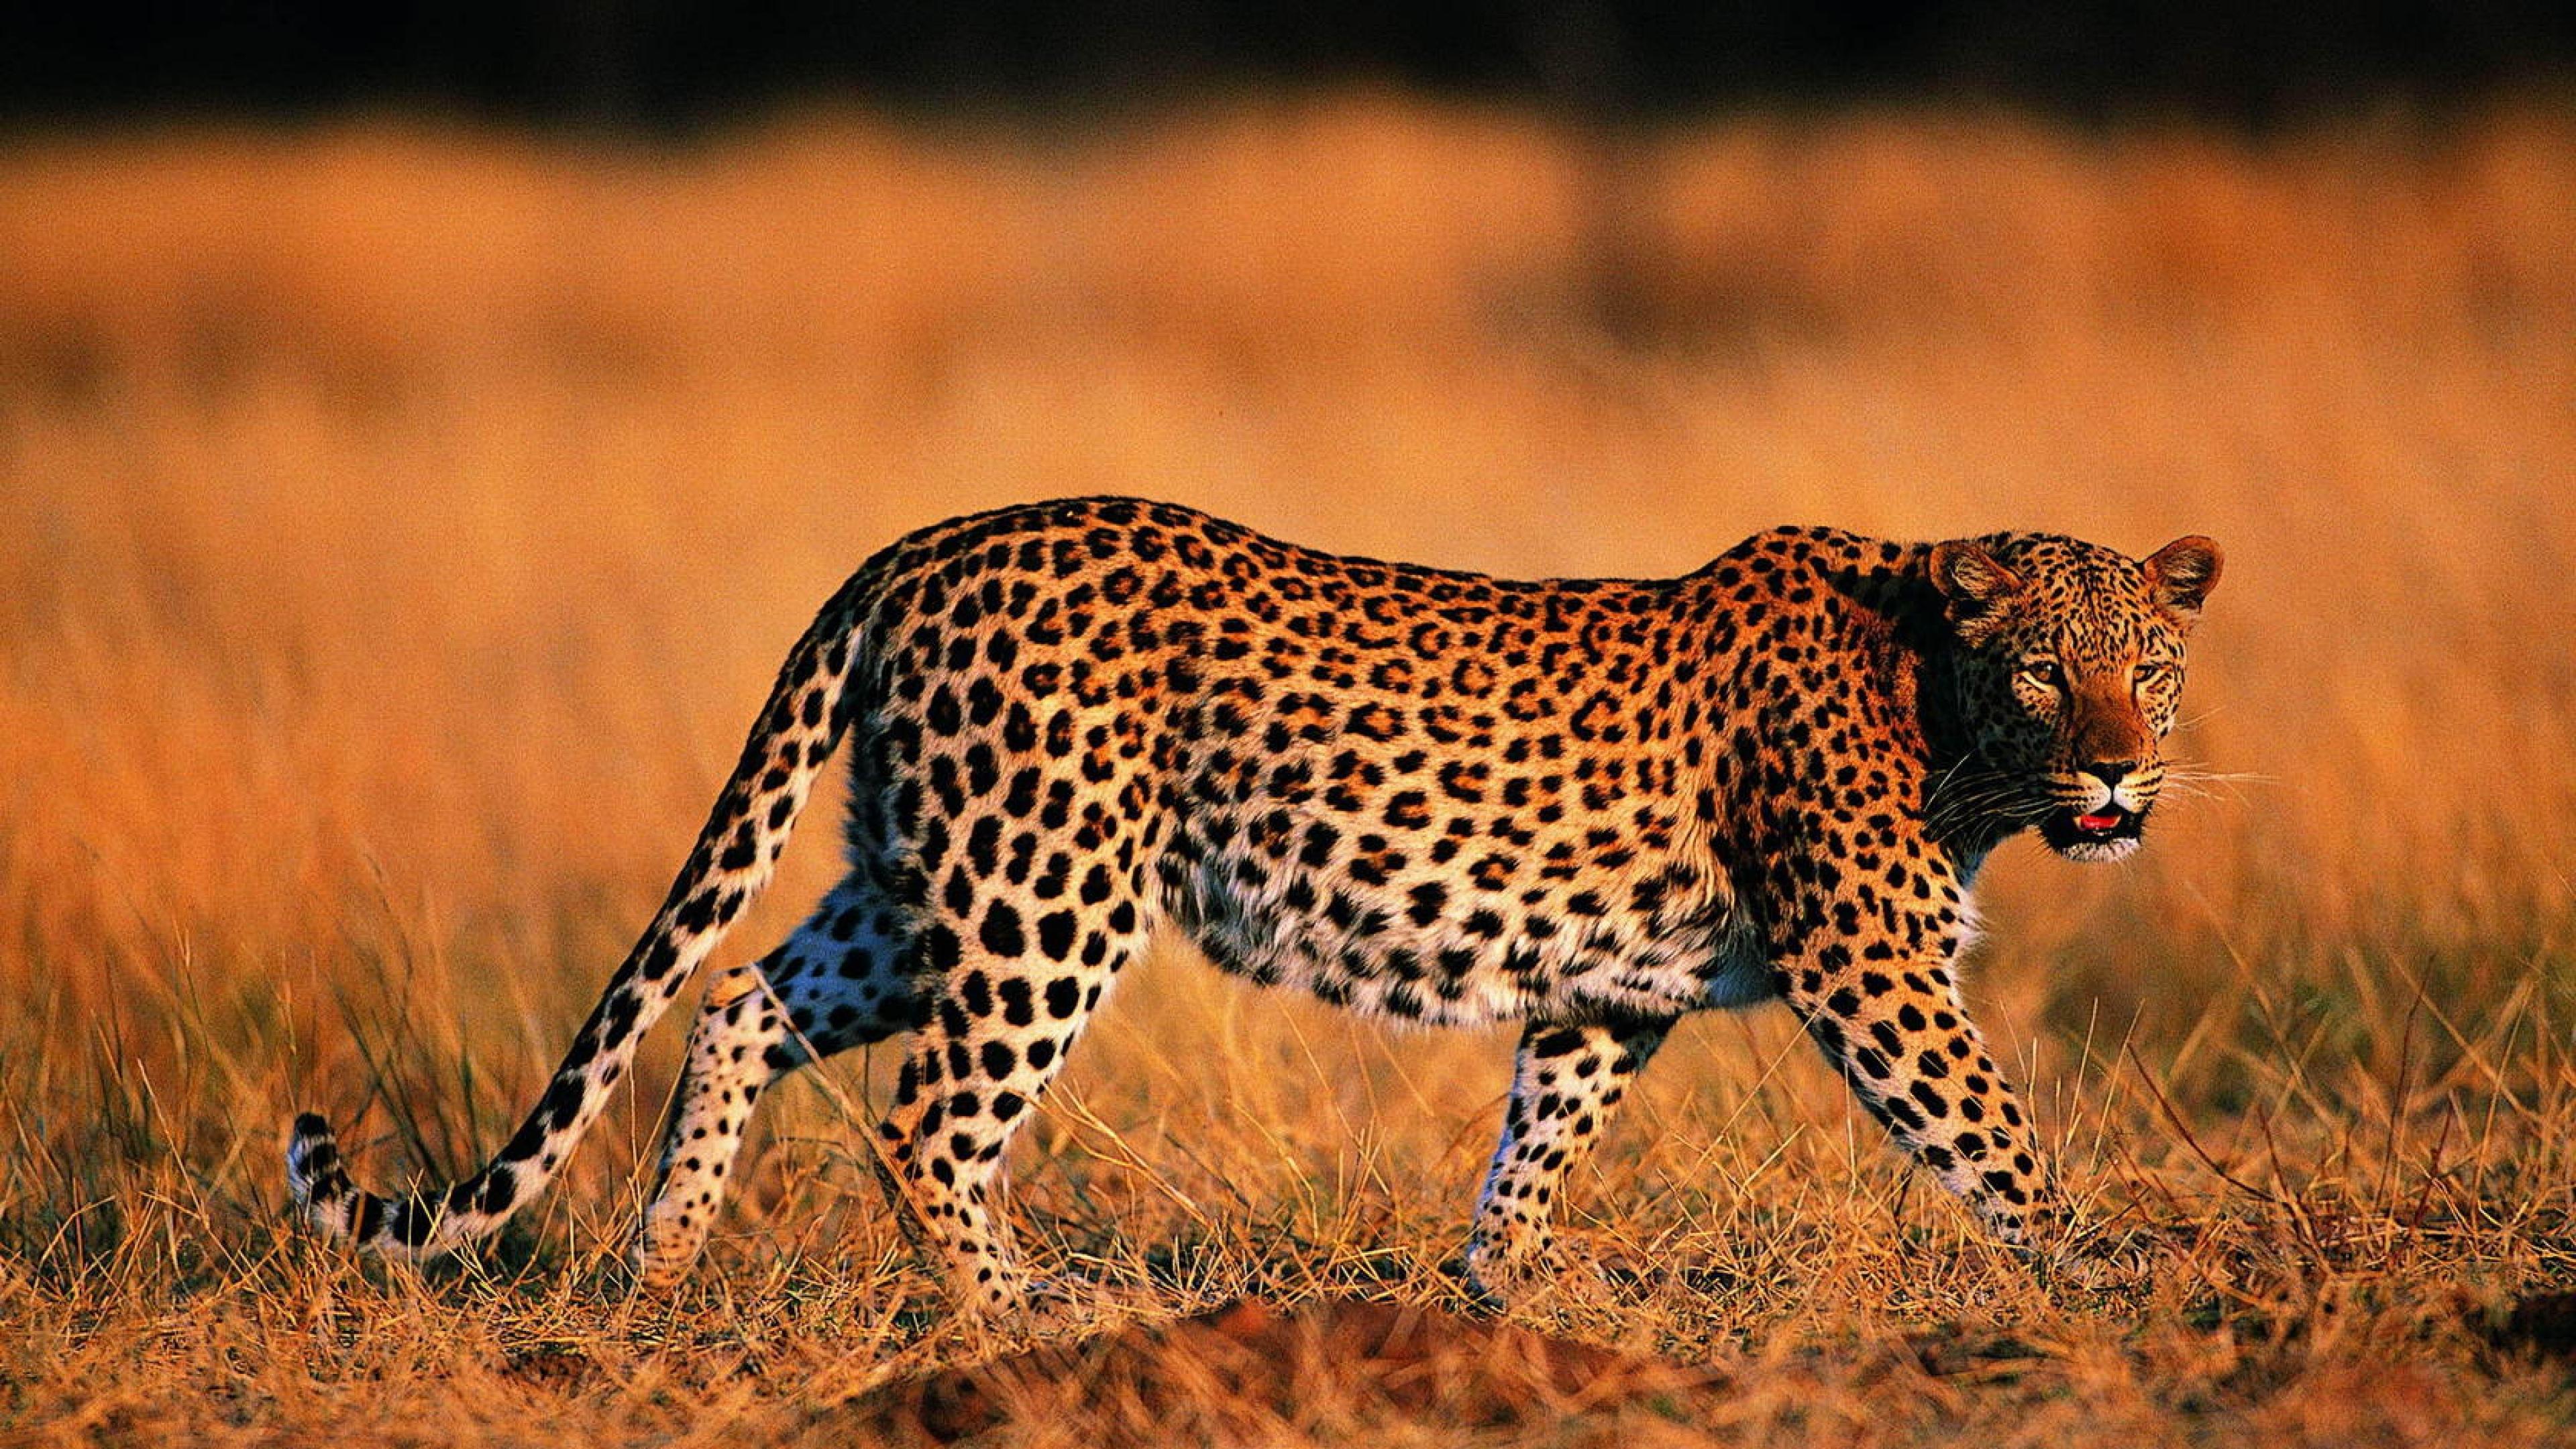 Leopard Backgrounds, Compatible - PC, Mobile, Gadgets| 3840x2160 px